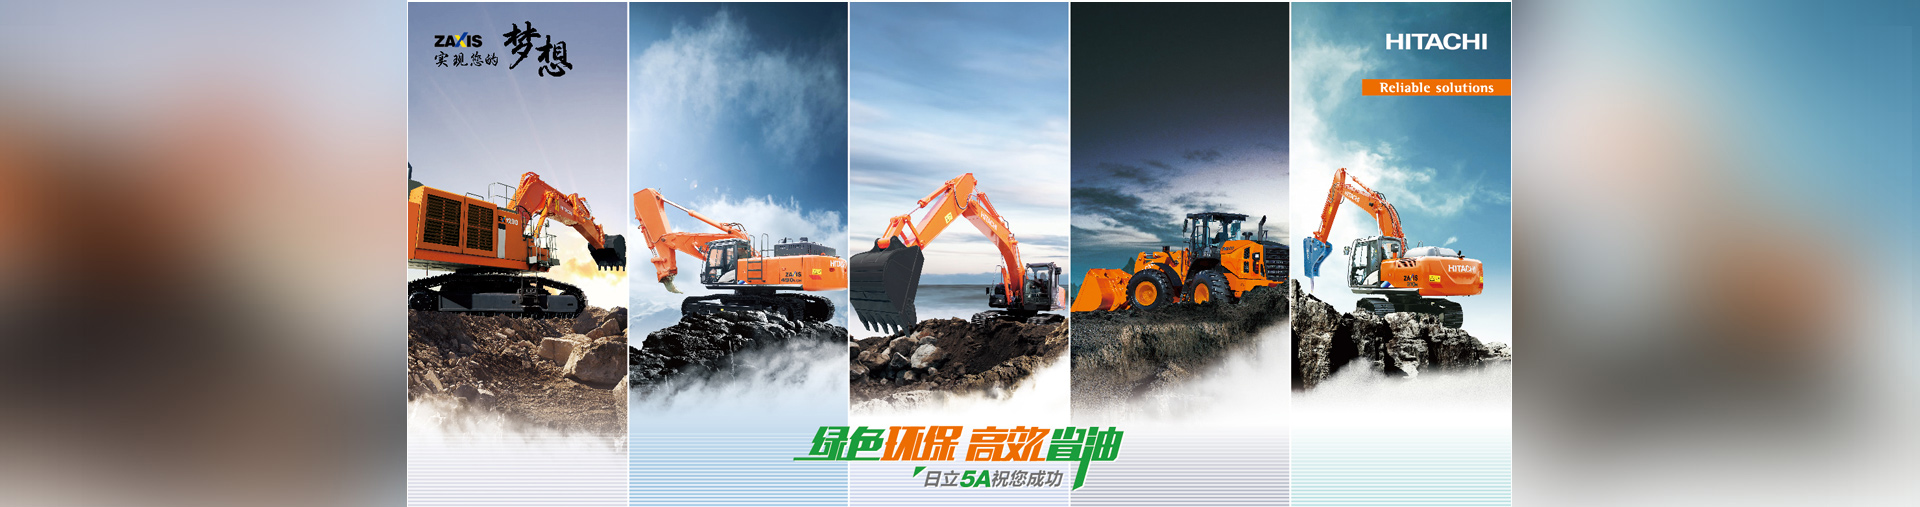 5A系列产品